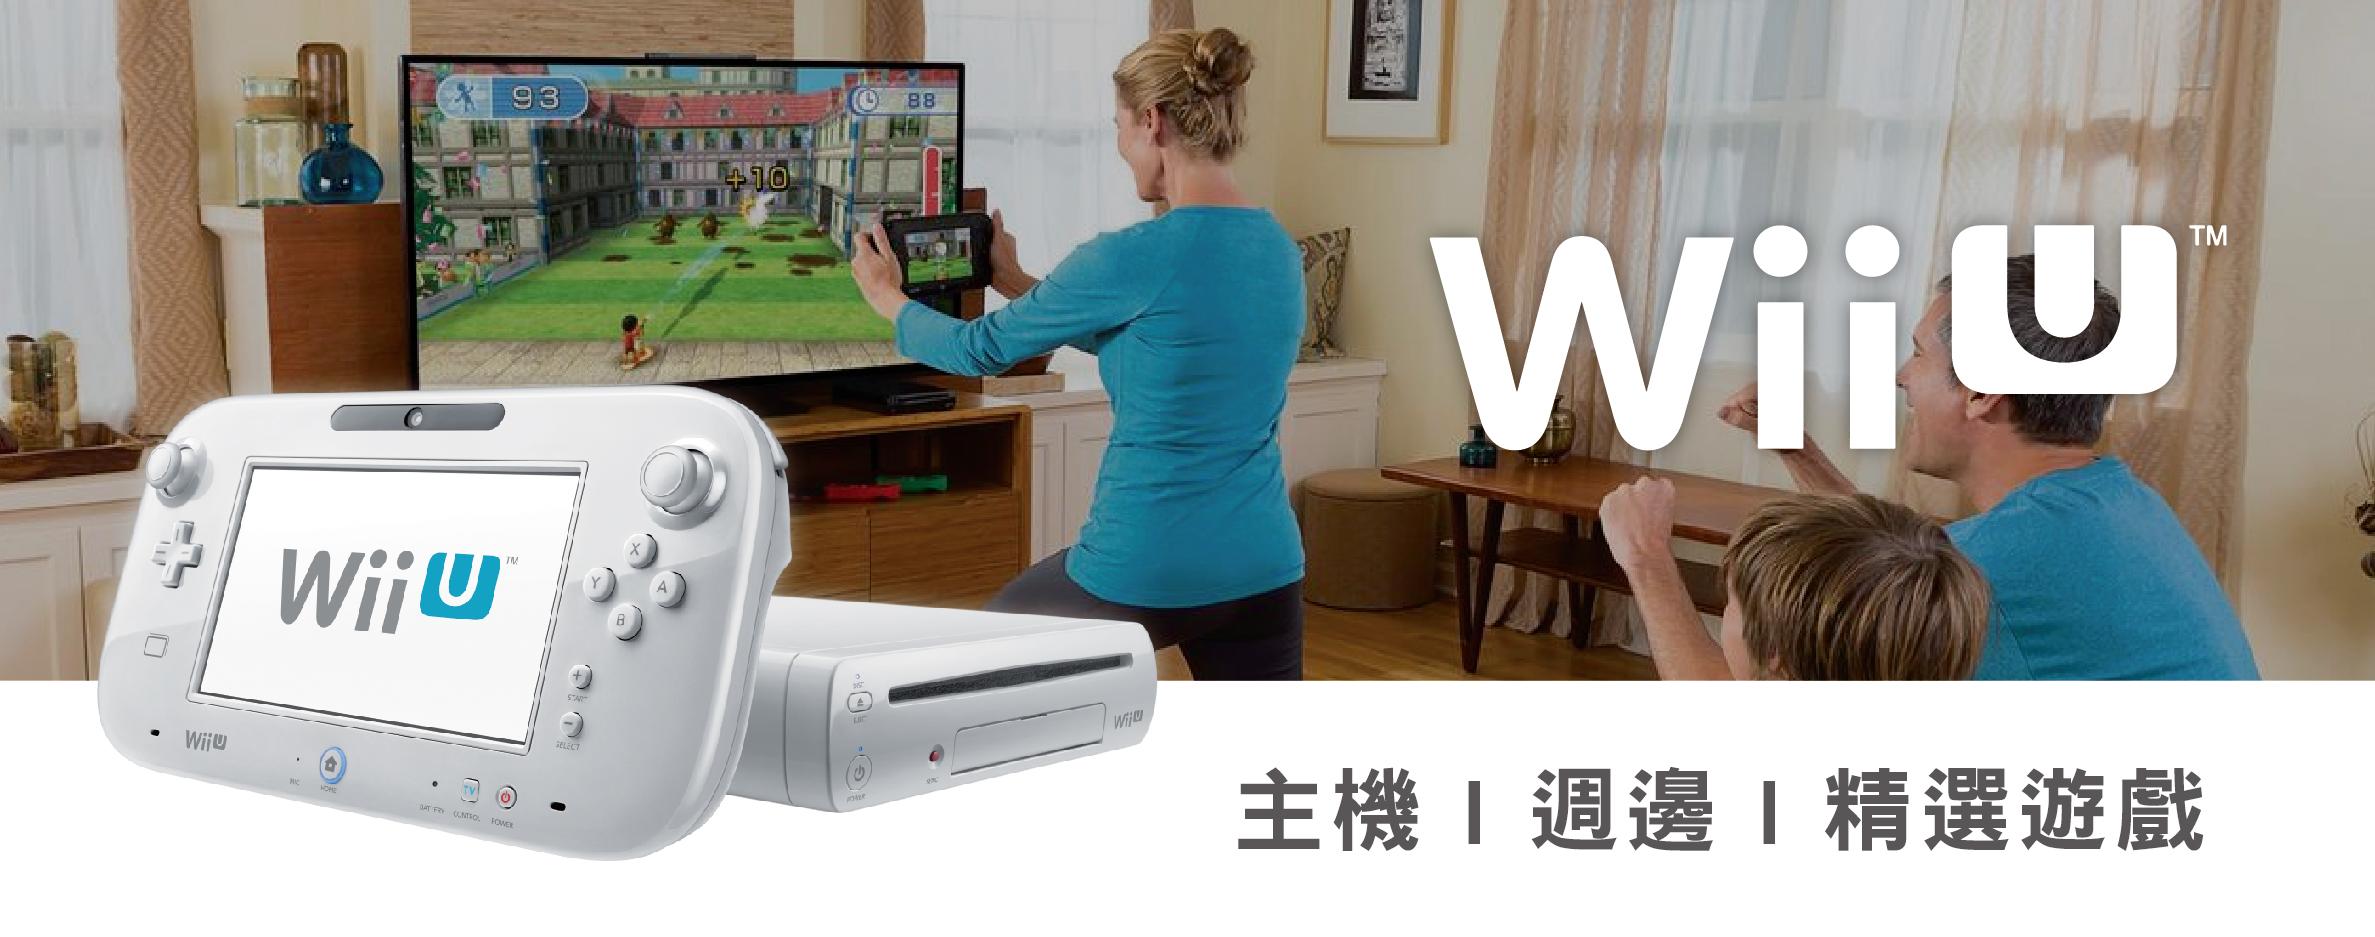 Wii U 週邊/遊戲 - 茶米電玩品牌名店